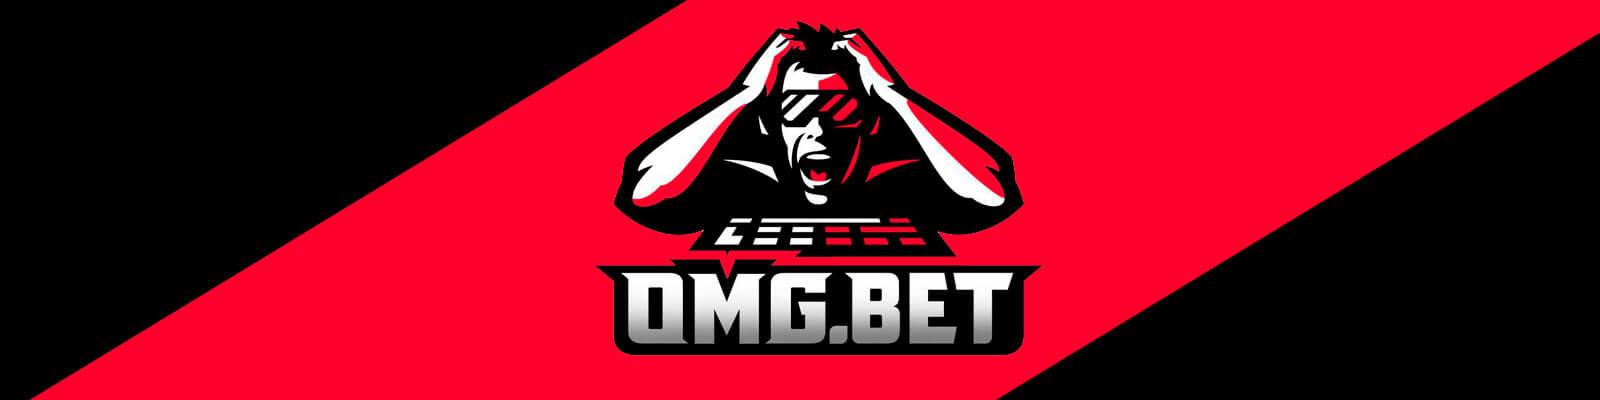 Обзор на OMGbet: что предлагается